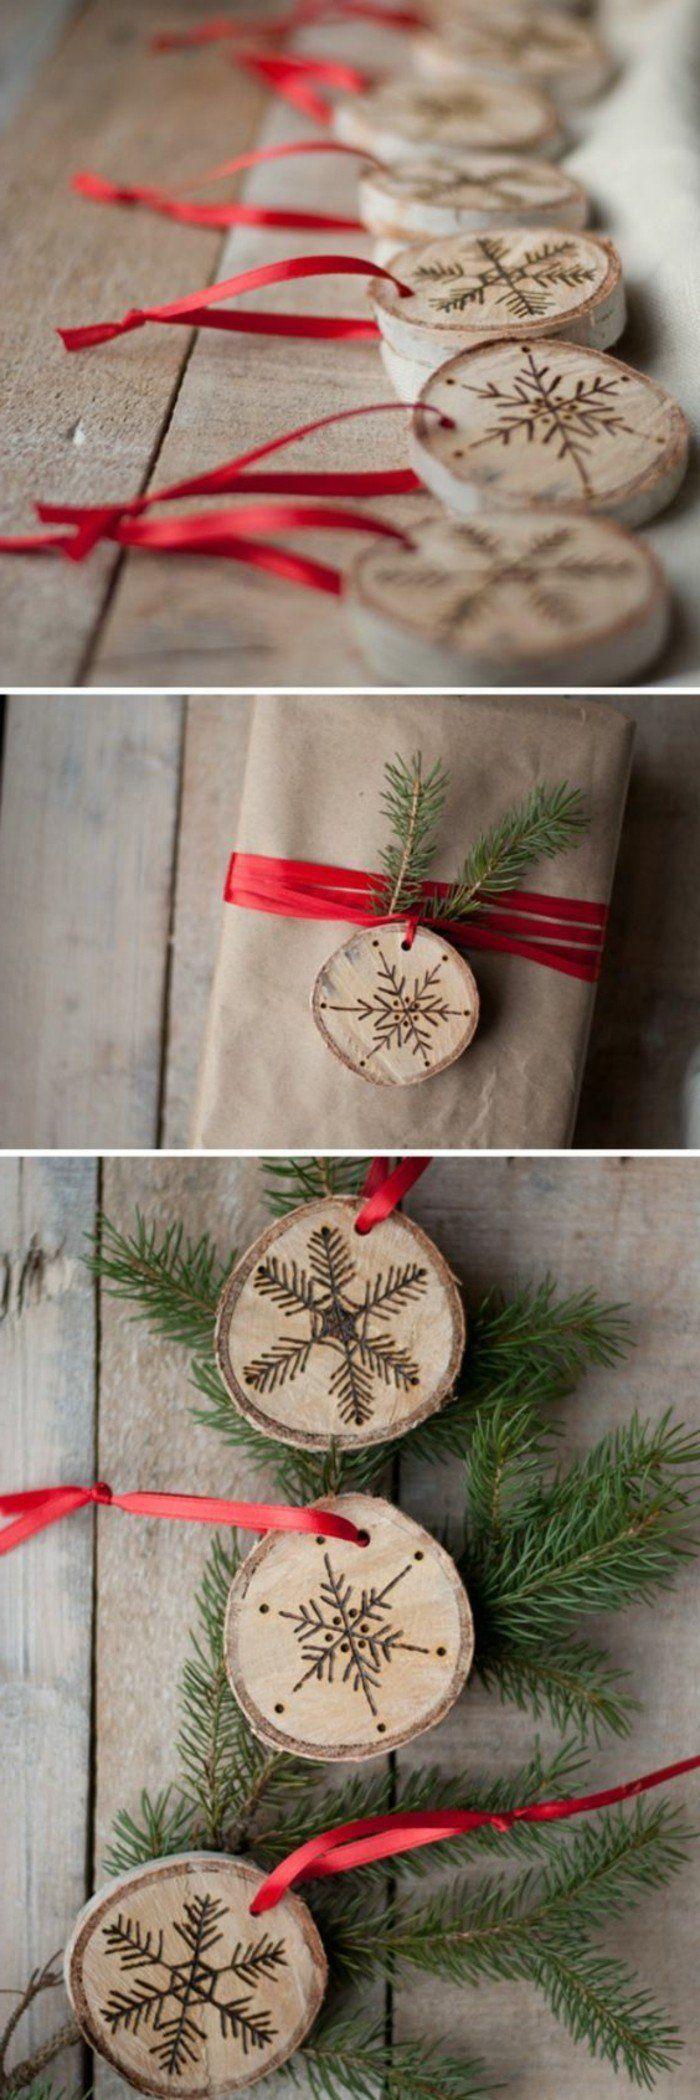 50 idées créatives pour une décoration de Noël hors du commun - Des idées